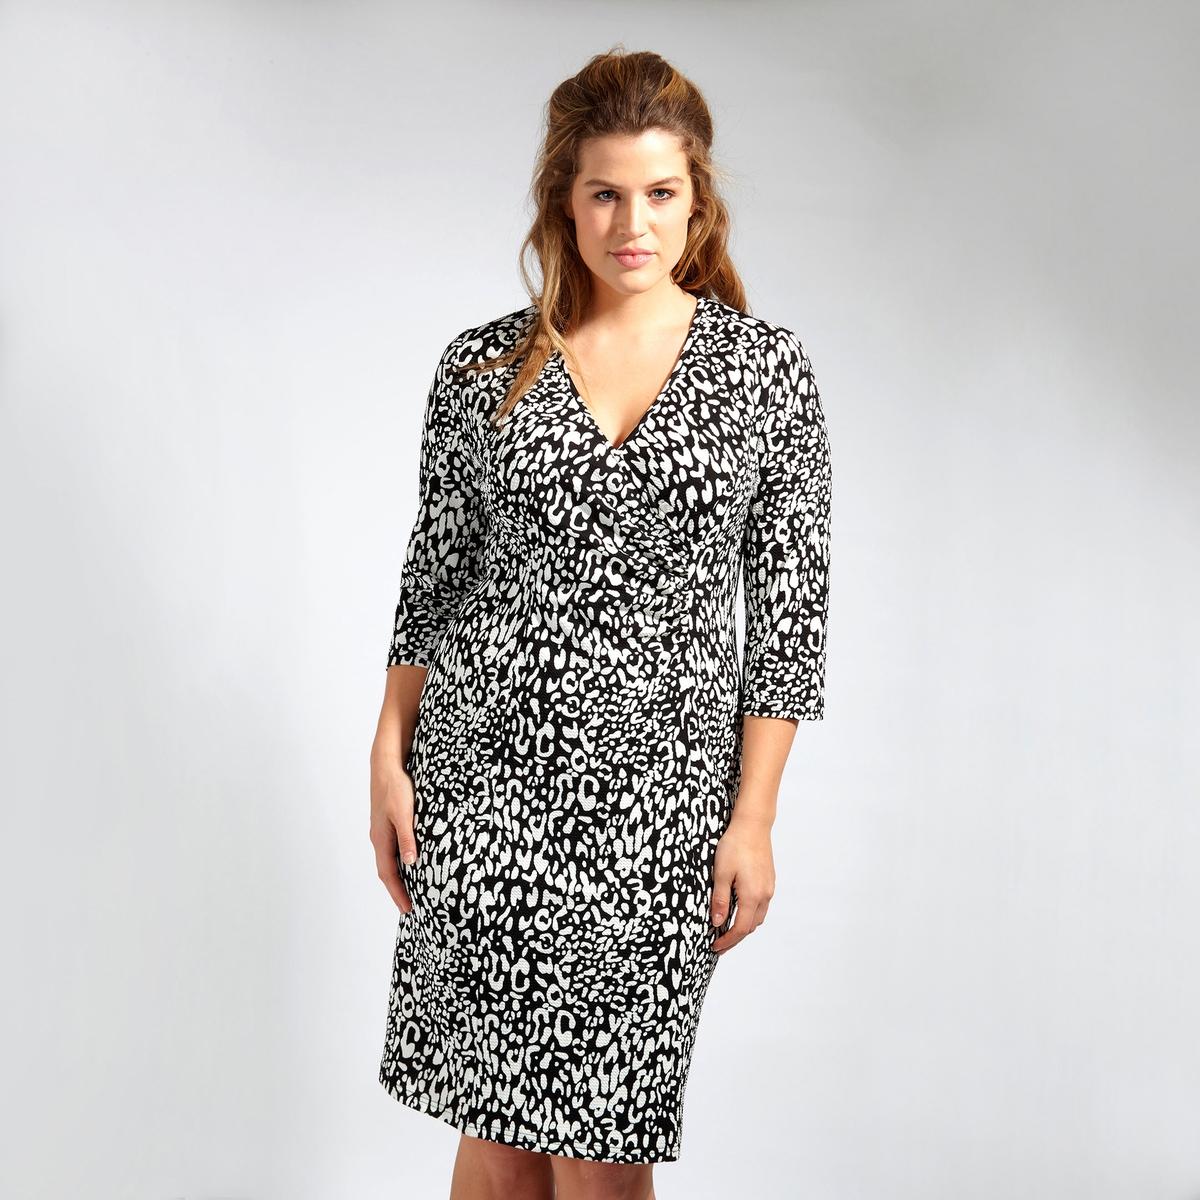 ПлатьеПлатье LOVEDROBE. Платье с рукавами 3/4 с красивым декольте. 100% полиэстер<br><br>Цвет: набивной рисунок<br>Размер: 58/60 (FR) - 64/66 (RUS).54/56 (FR) - 60/62 (RUS).48 (FR) - 54 (RUS)